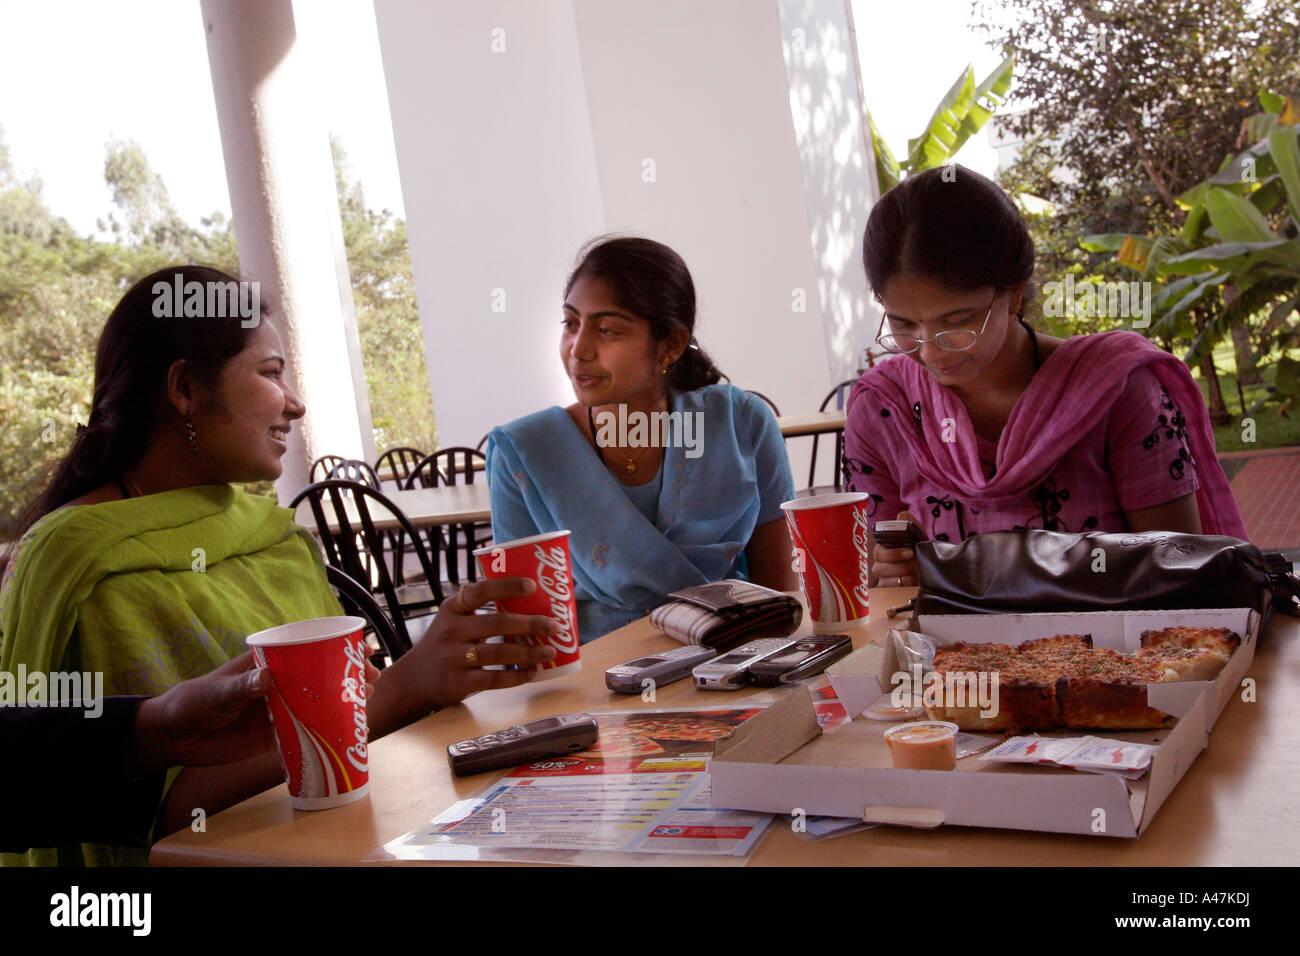 Giovani donne indiane che lavora nel settore IT per Infosys mangia fast food occidentali durante una pausa pranzo a Bangalore in India Foto Stock